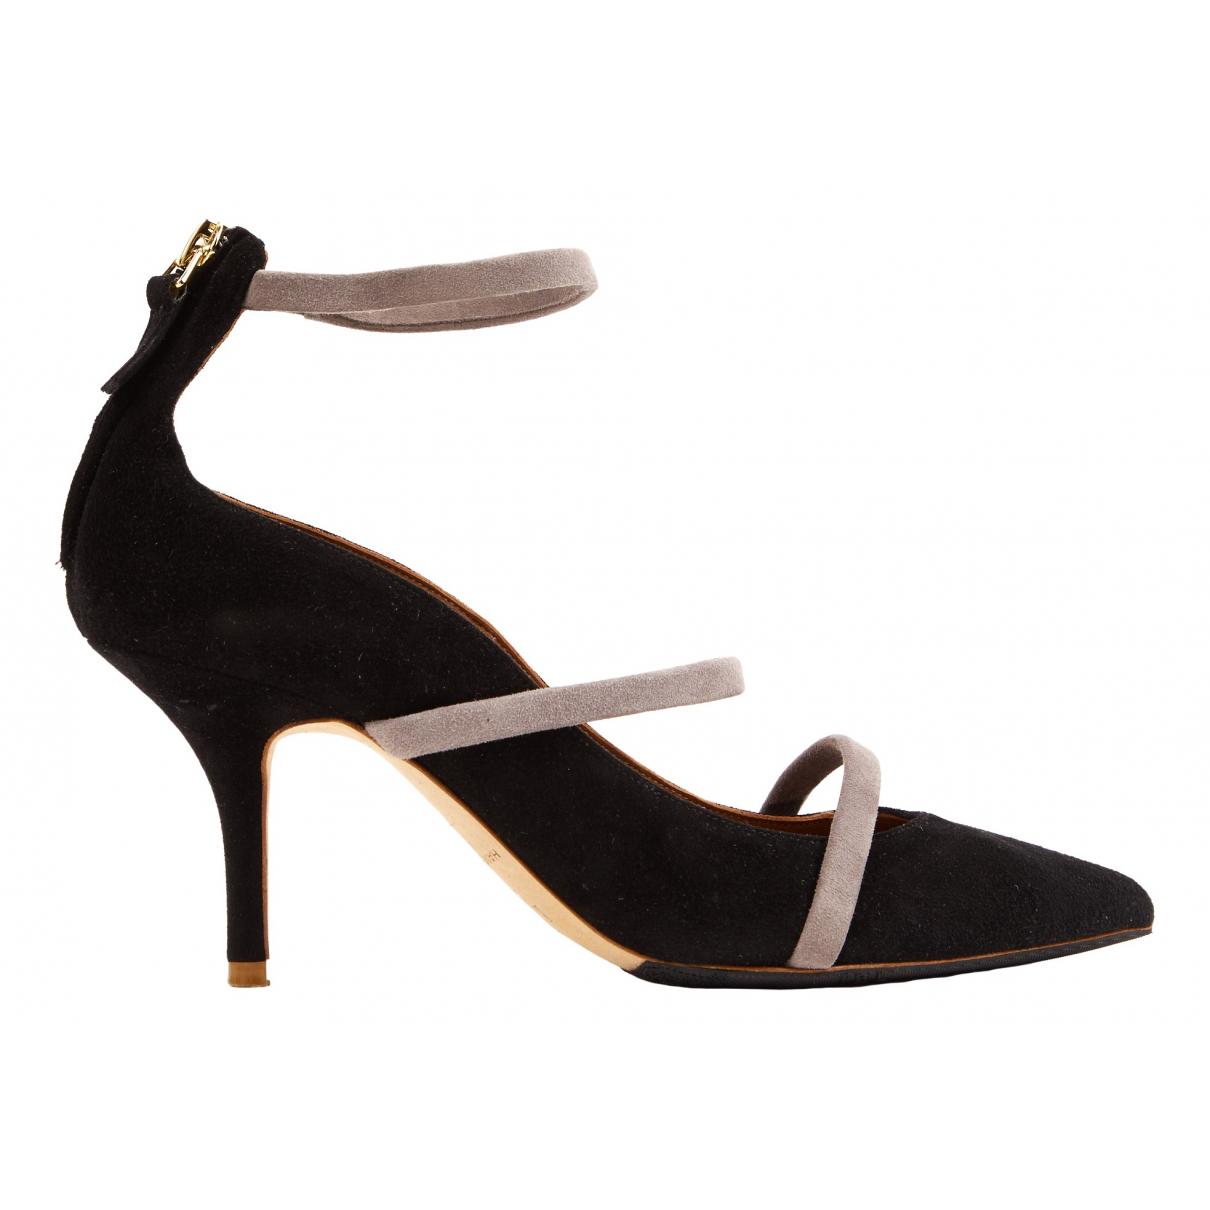 Malone Souliers \N Black Suede Heels for Women 36.5 EU